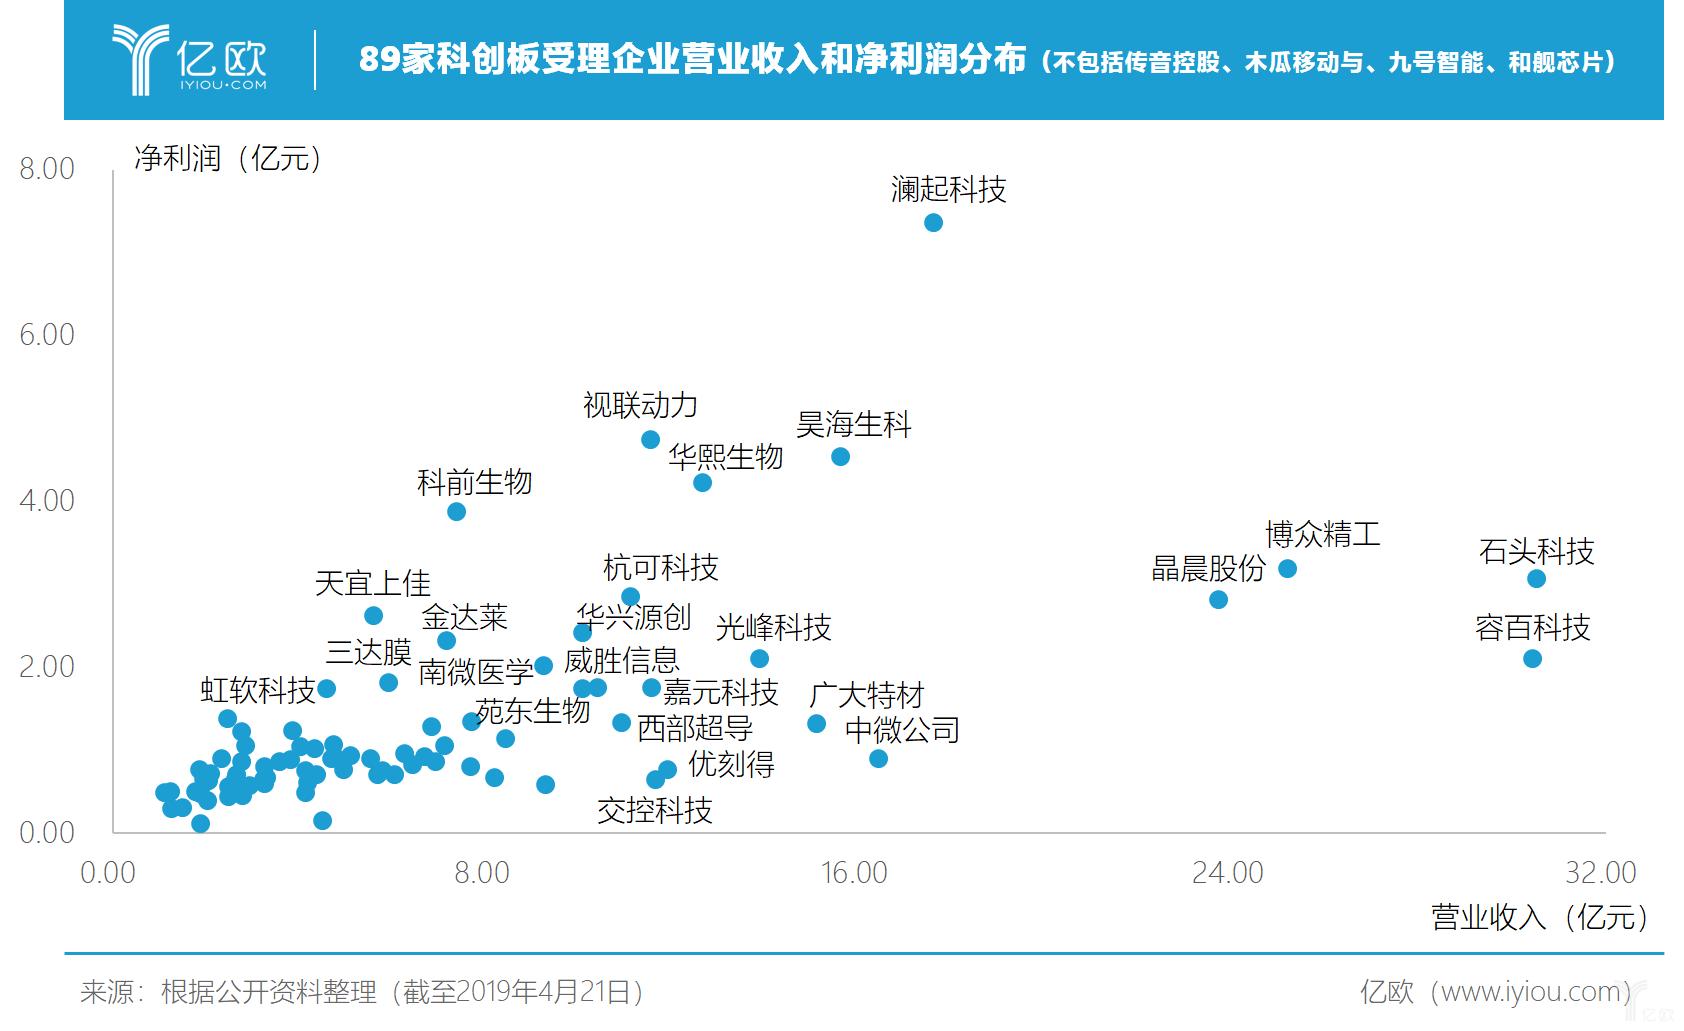 89家科创板受理企业营业收入和净利润分布(不包括传音控股、木瓜移动与、九号智能、和舰芯片)